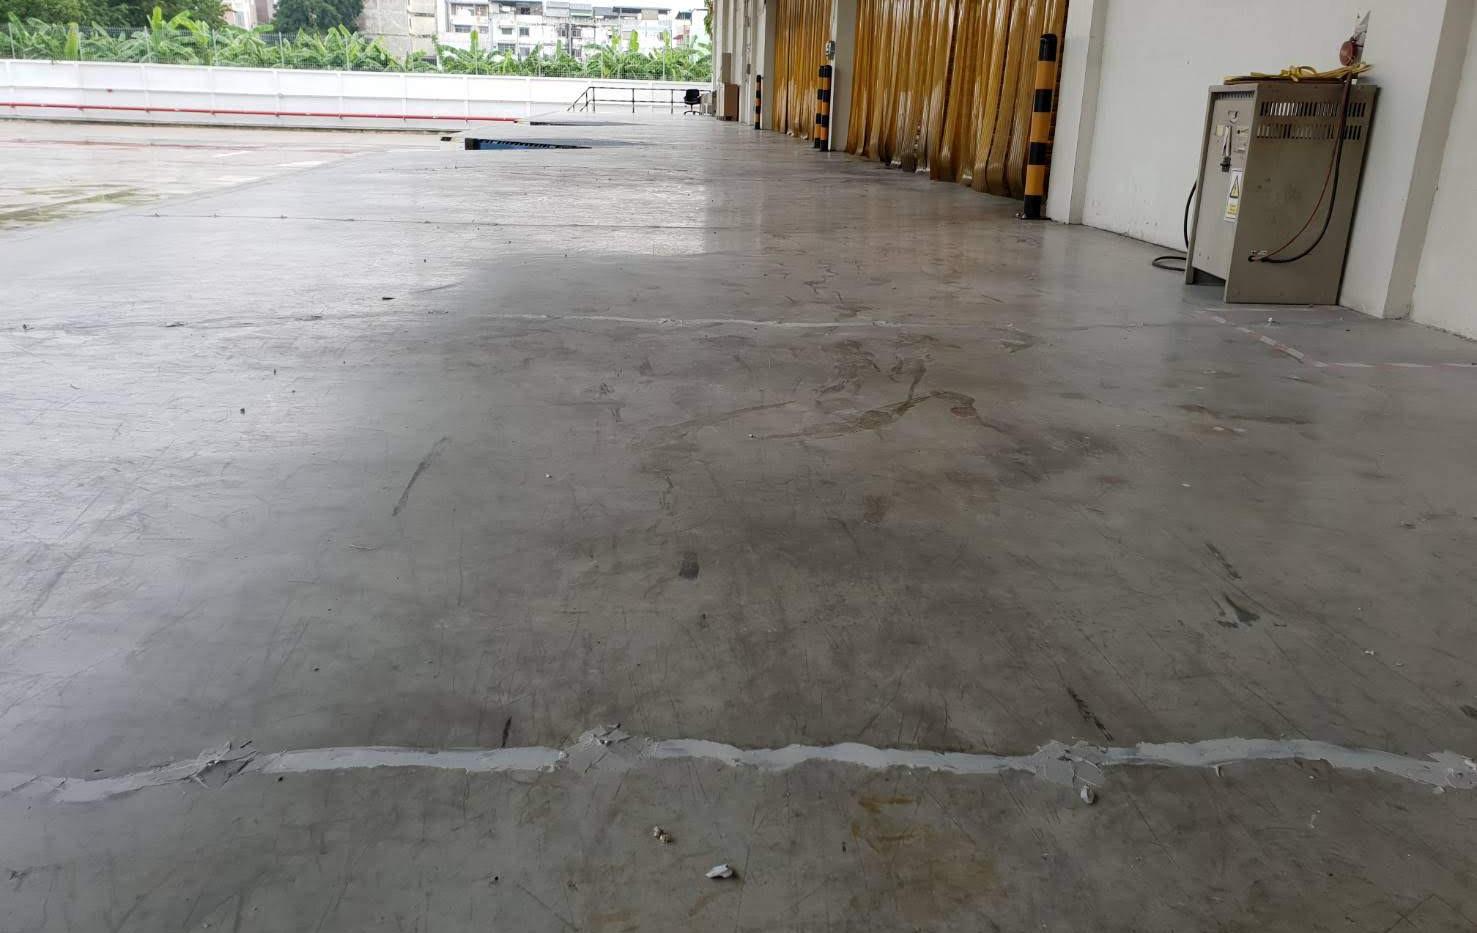 ซ่อมรอยร้าวโรงงานกระทิงแดง (13).jpg